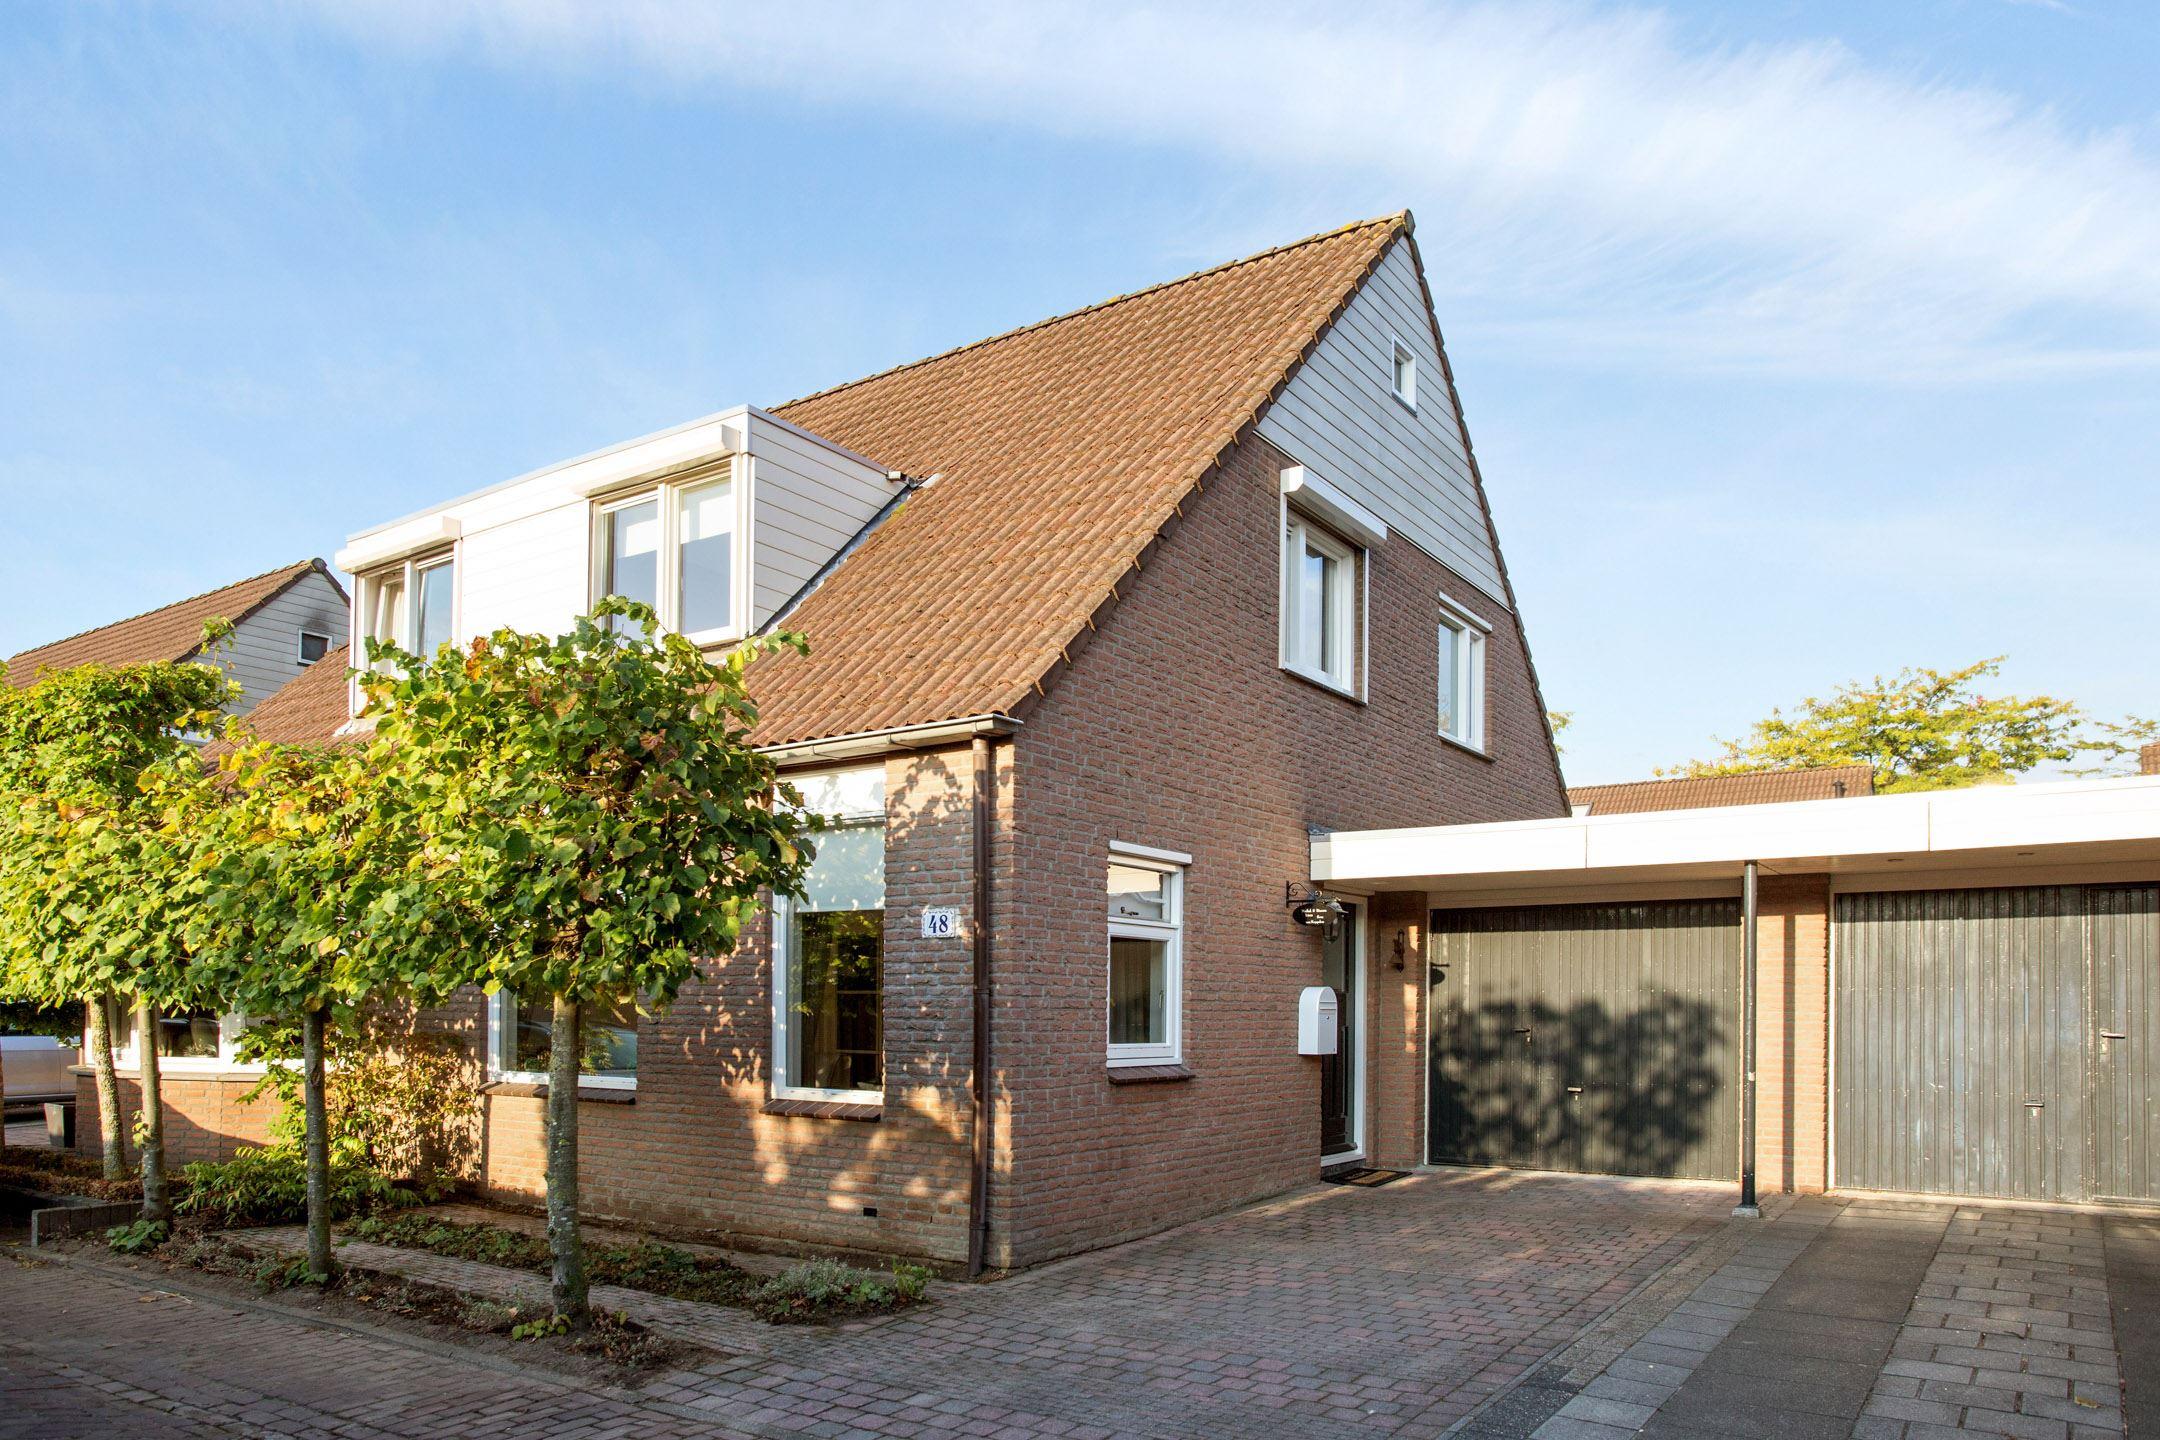 Huis te koop: reggestraat 48 5704 mt helmond [funda]